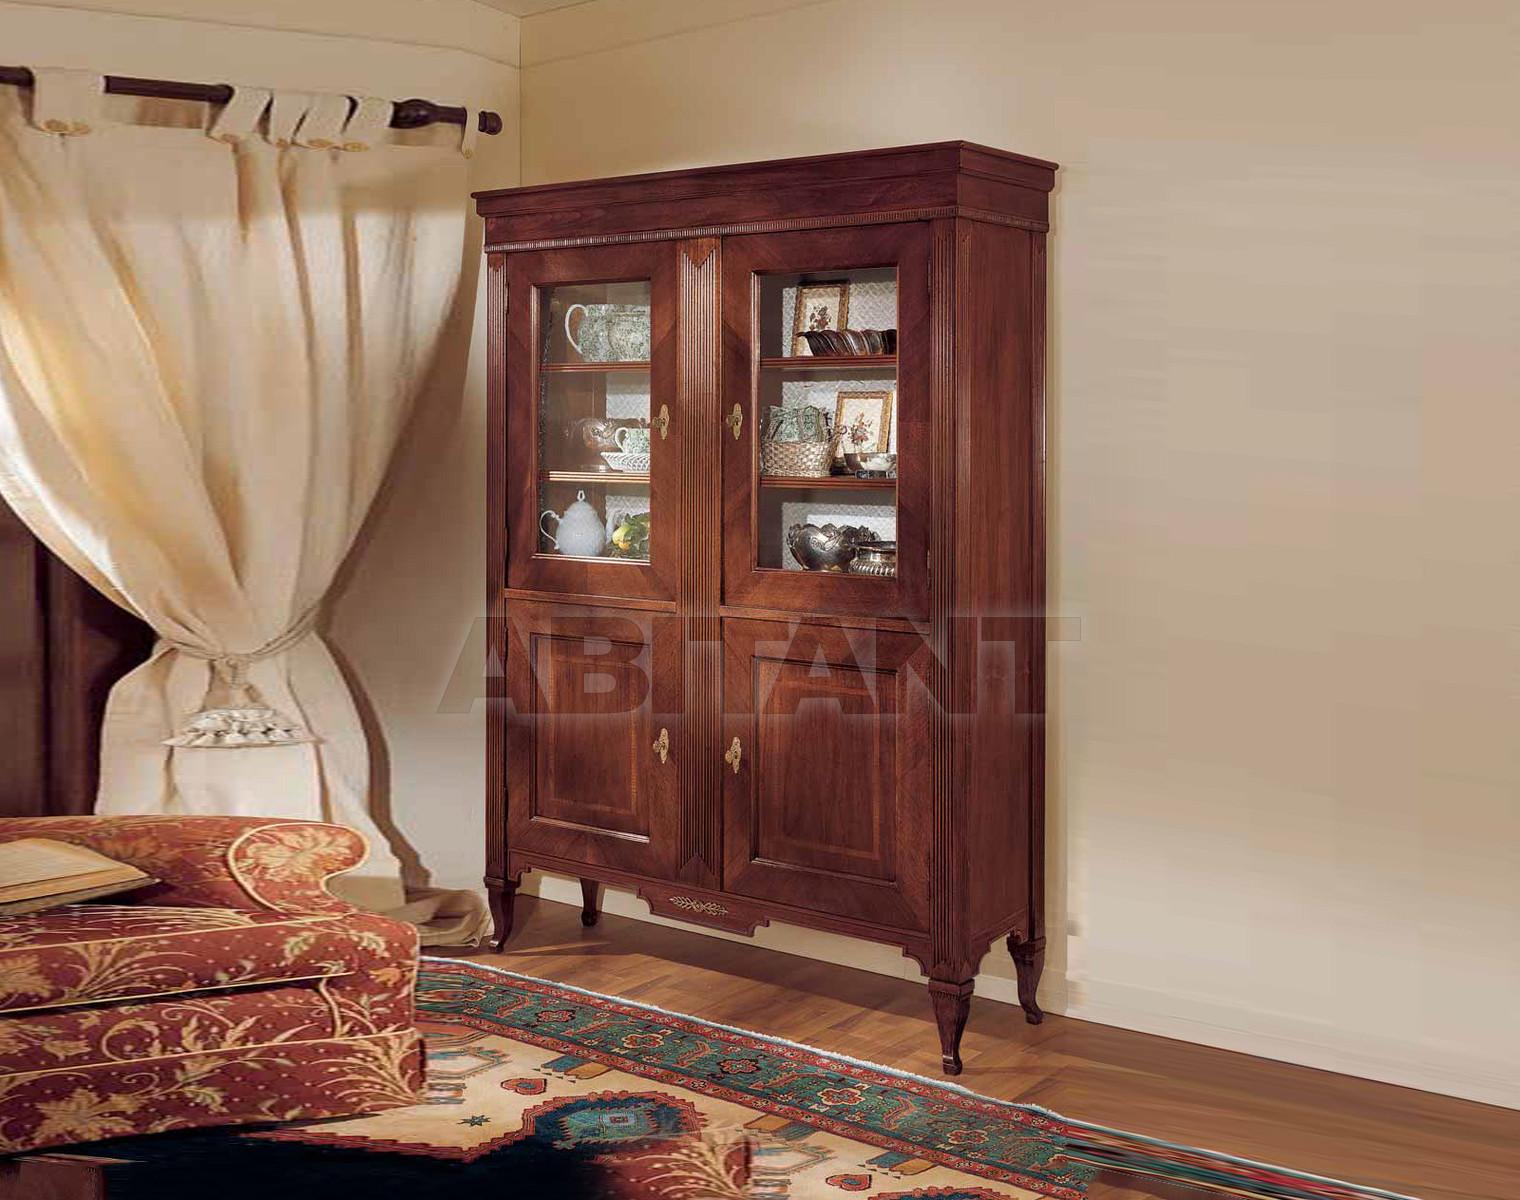 Купить Сервант F.lli Corso Srl Golden House 1023